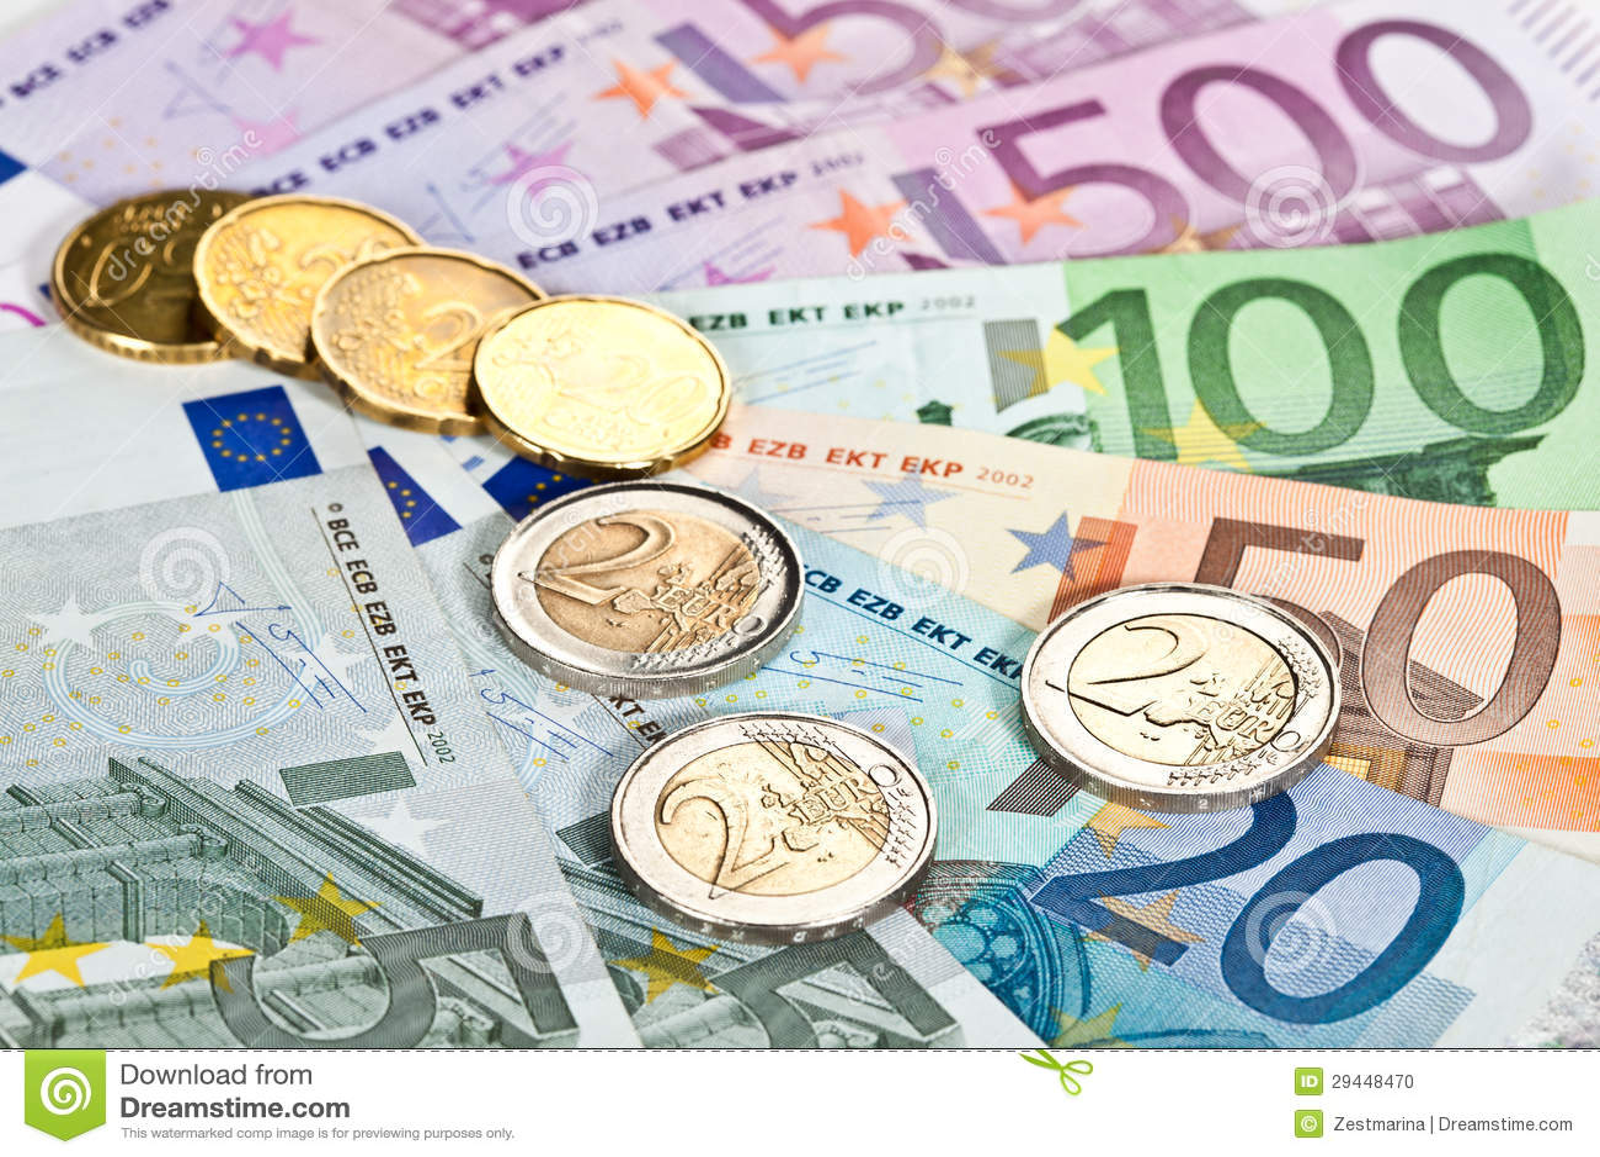 Trade euros